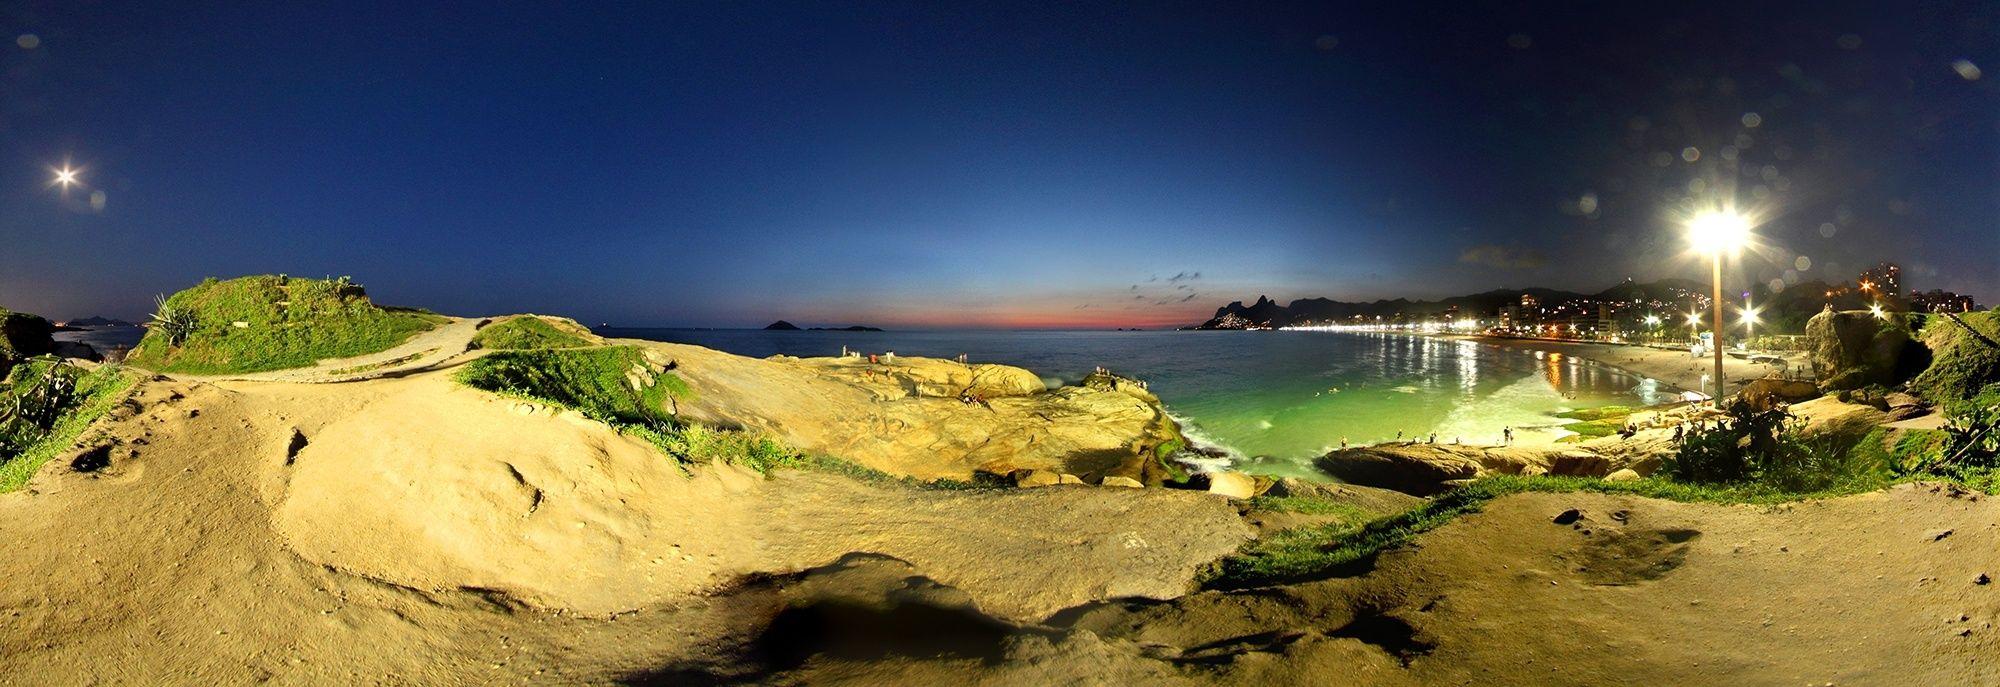 Foto 360 Graus Trajano de Morais - Filmagem Profissional